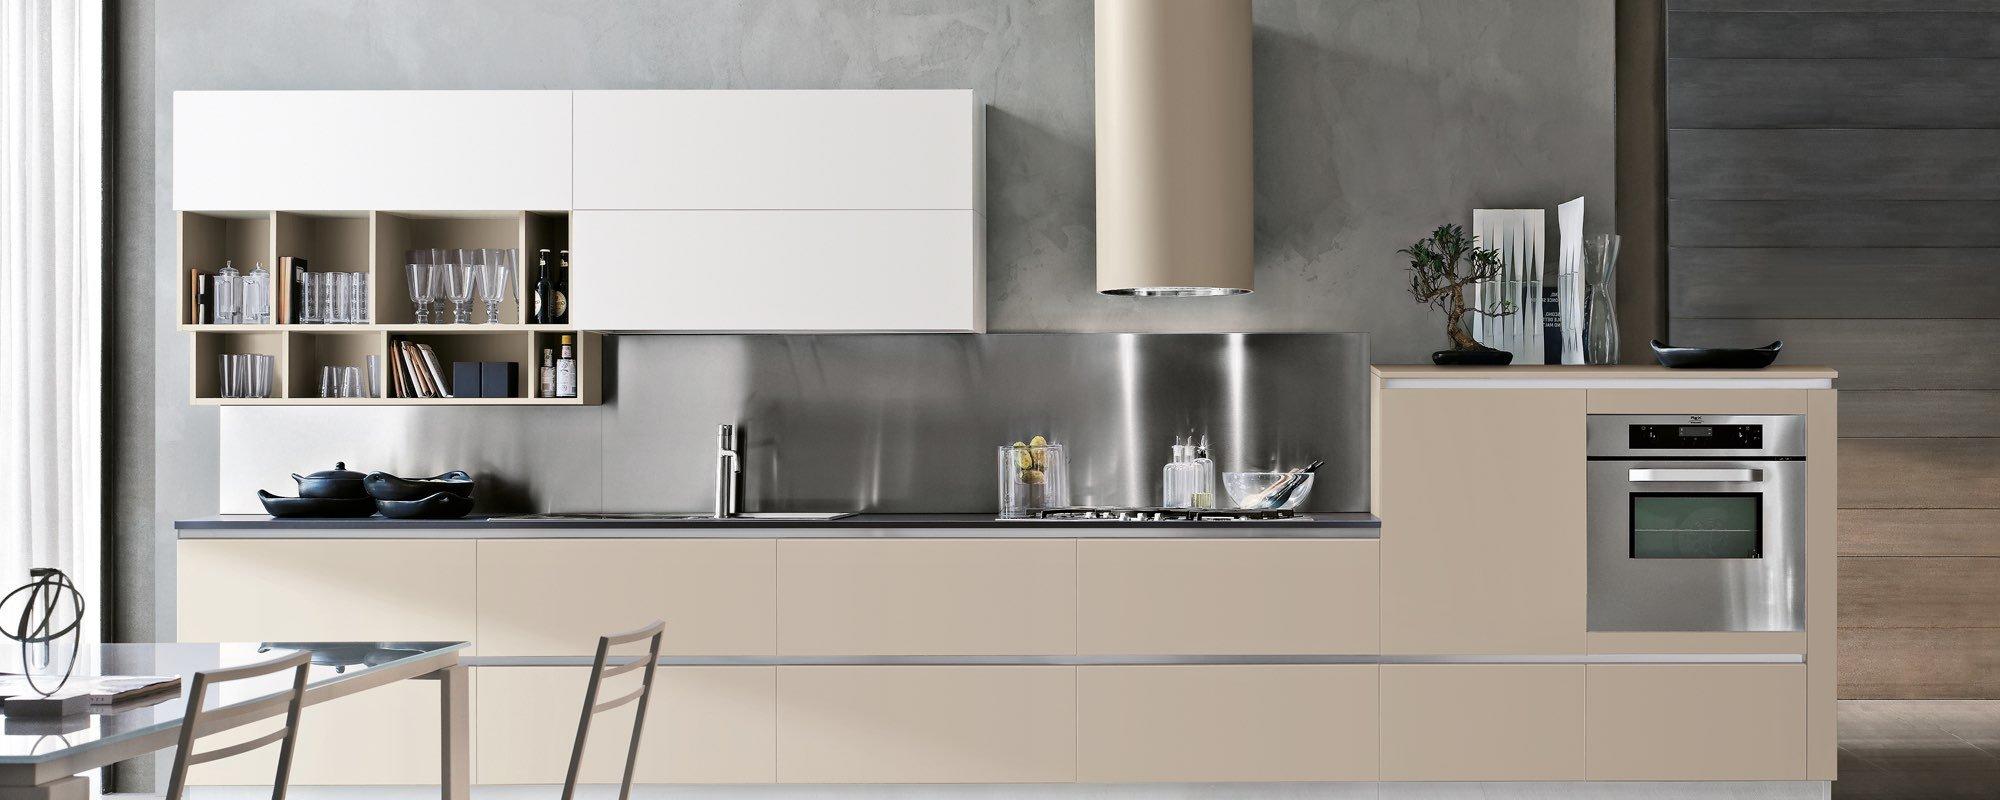 vista di una cucina moderna in legno con isola laccata -MILLY